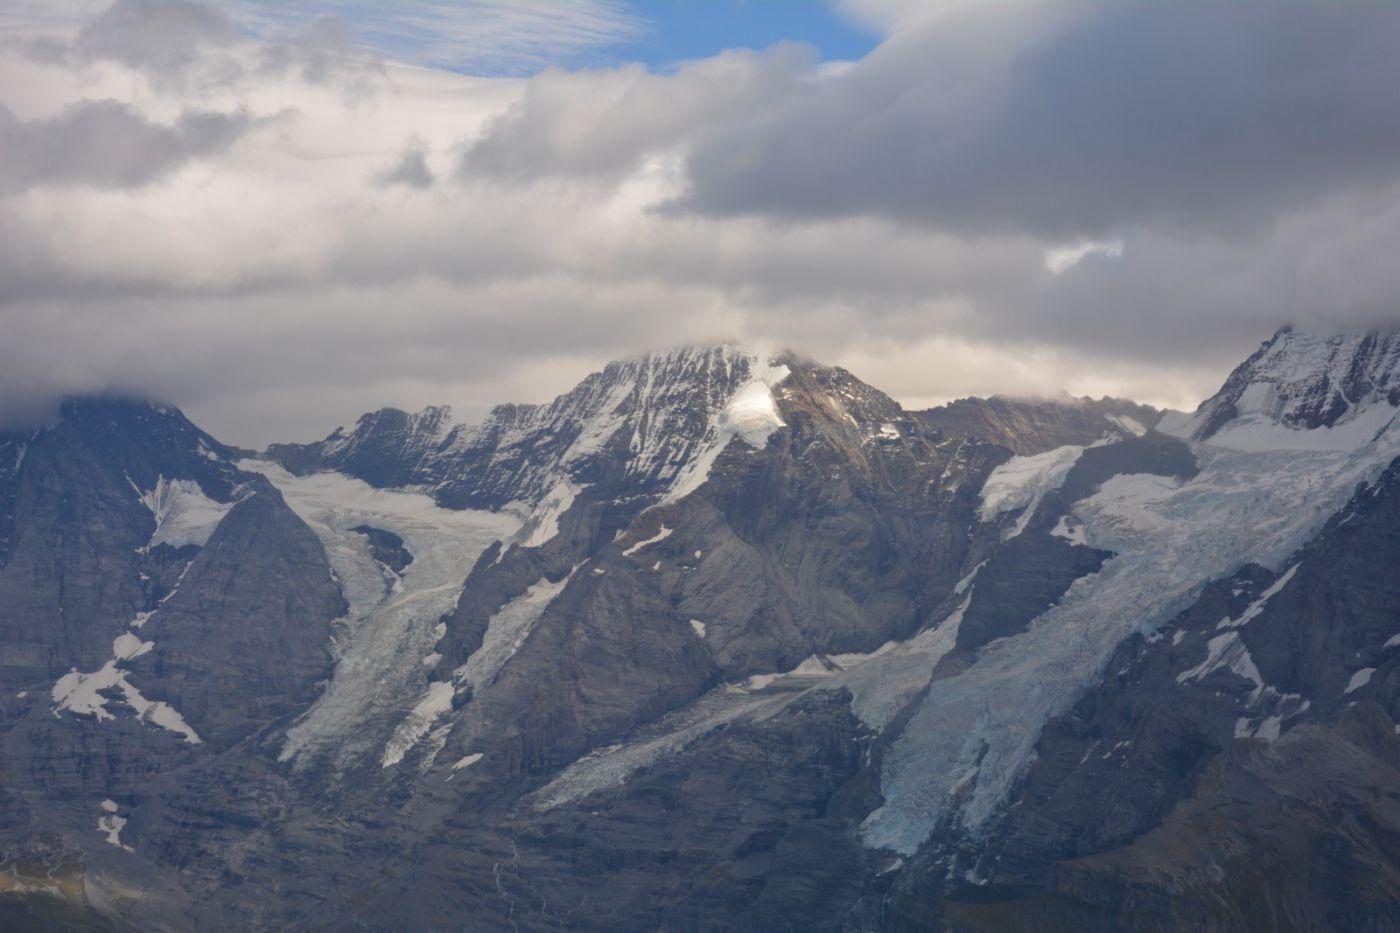 登上阿尔卑斯山遥望少女、勃朗峰_图1-20